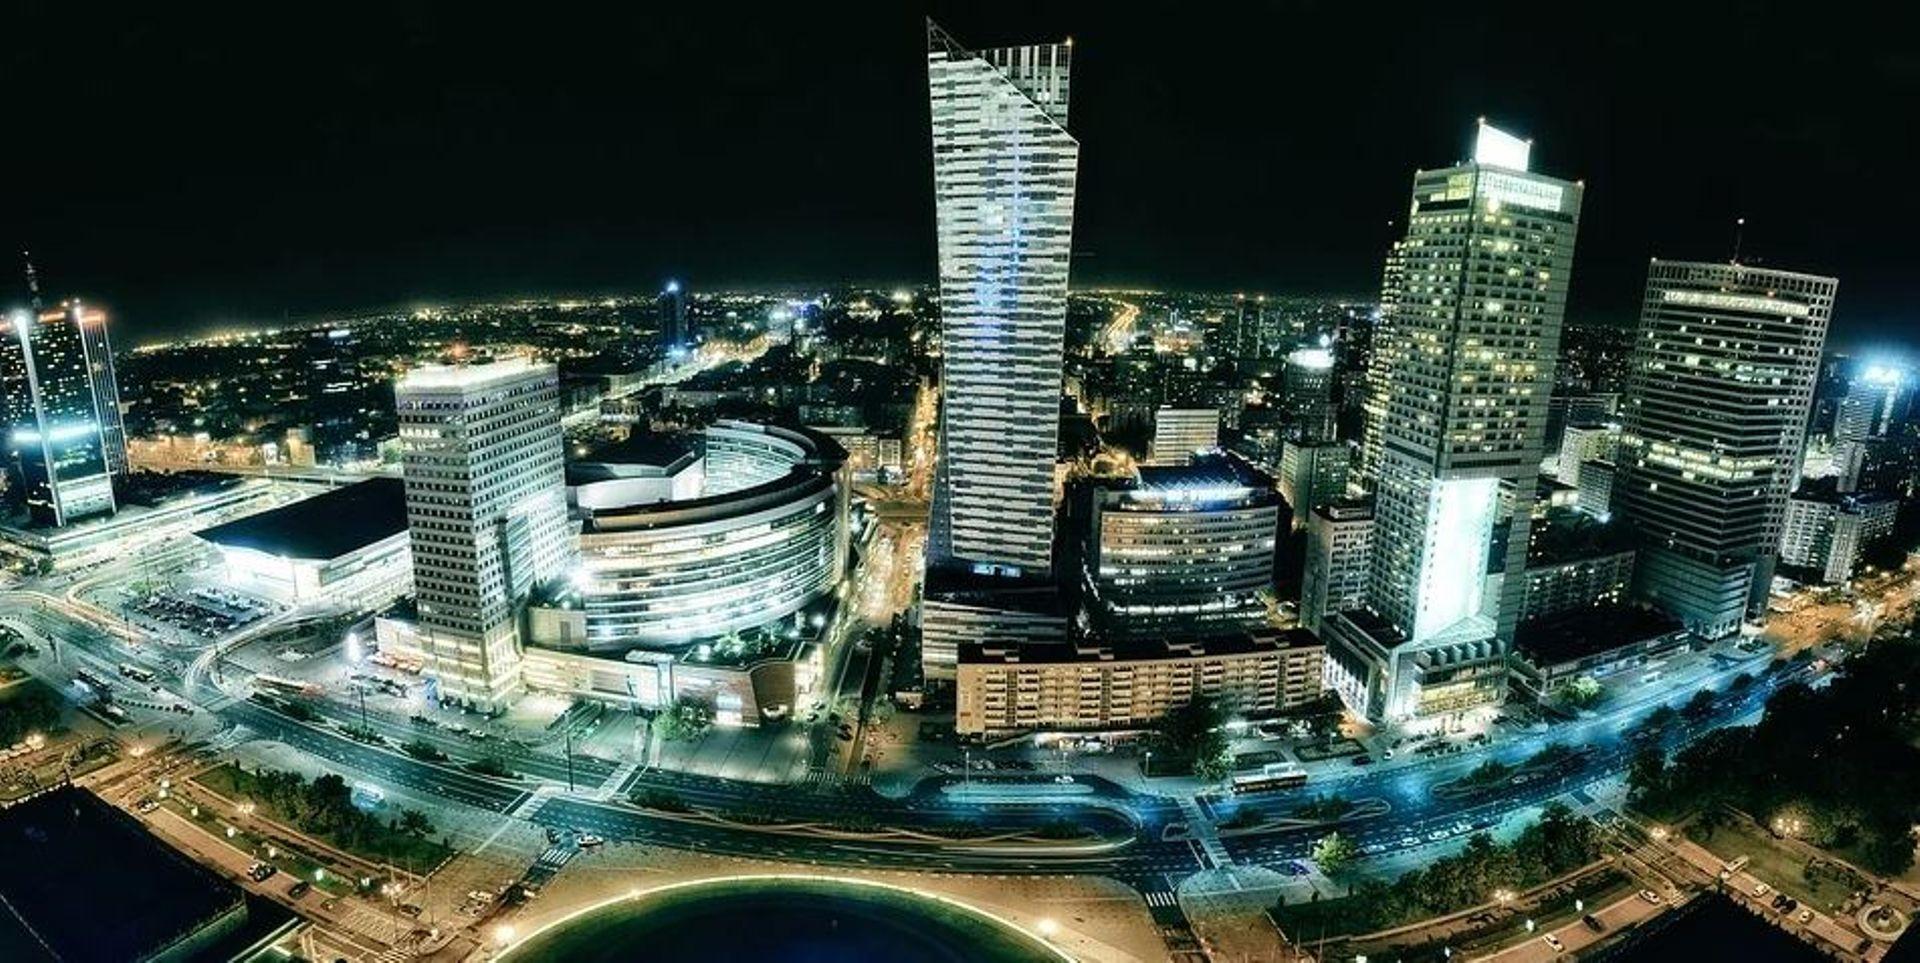 W największych miastach możemy obserwować realizację spektakularnych projektów biurowych